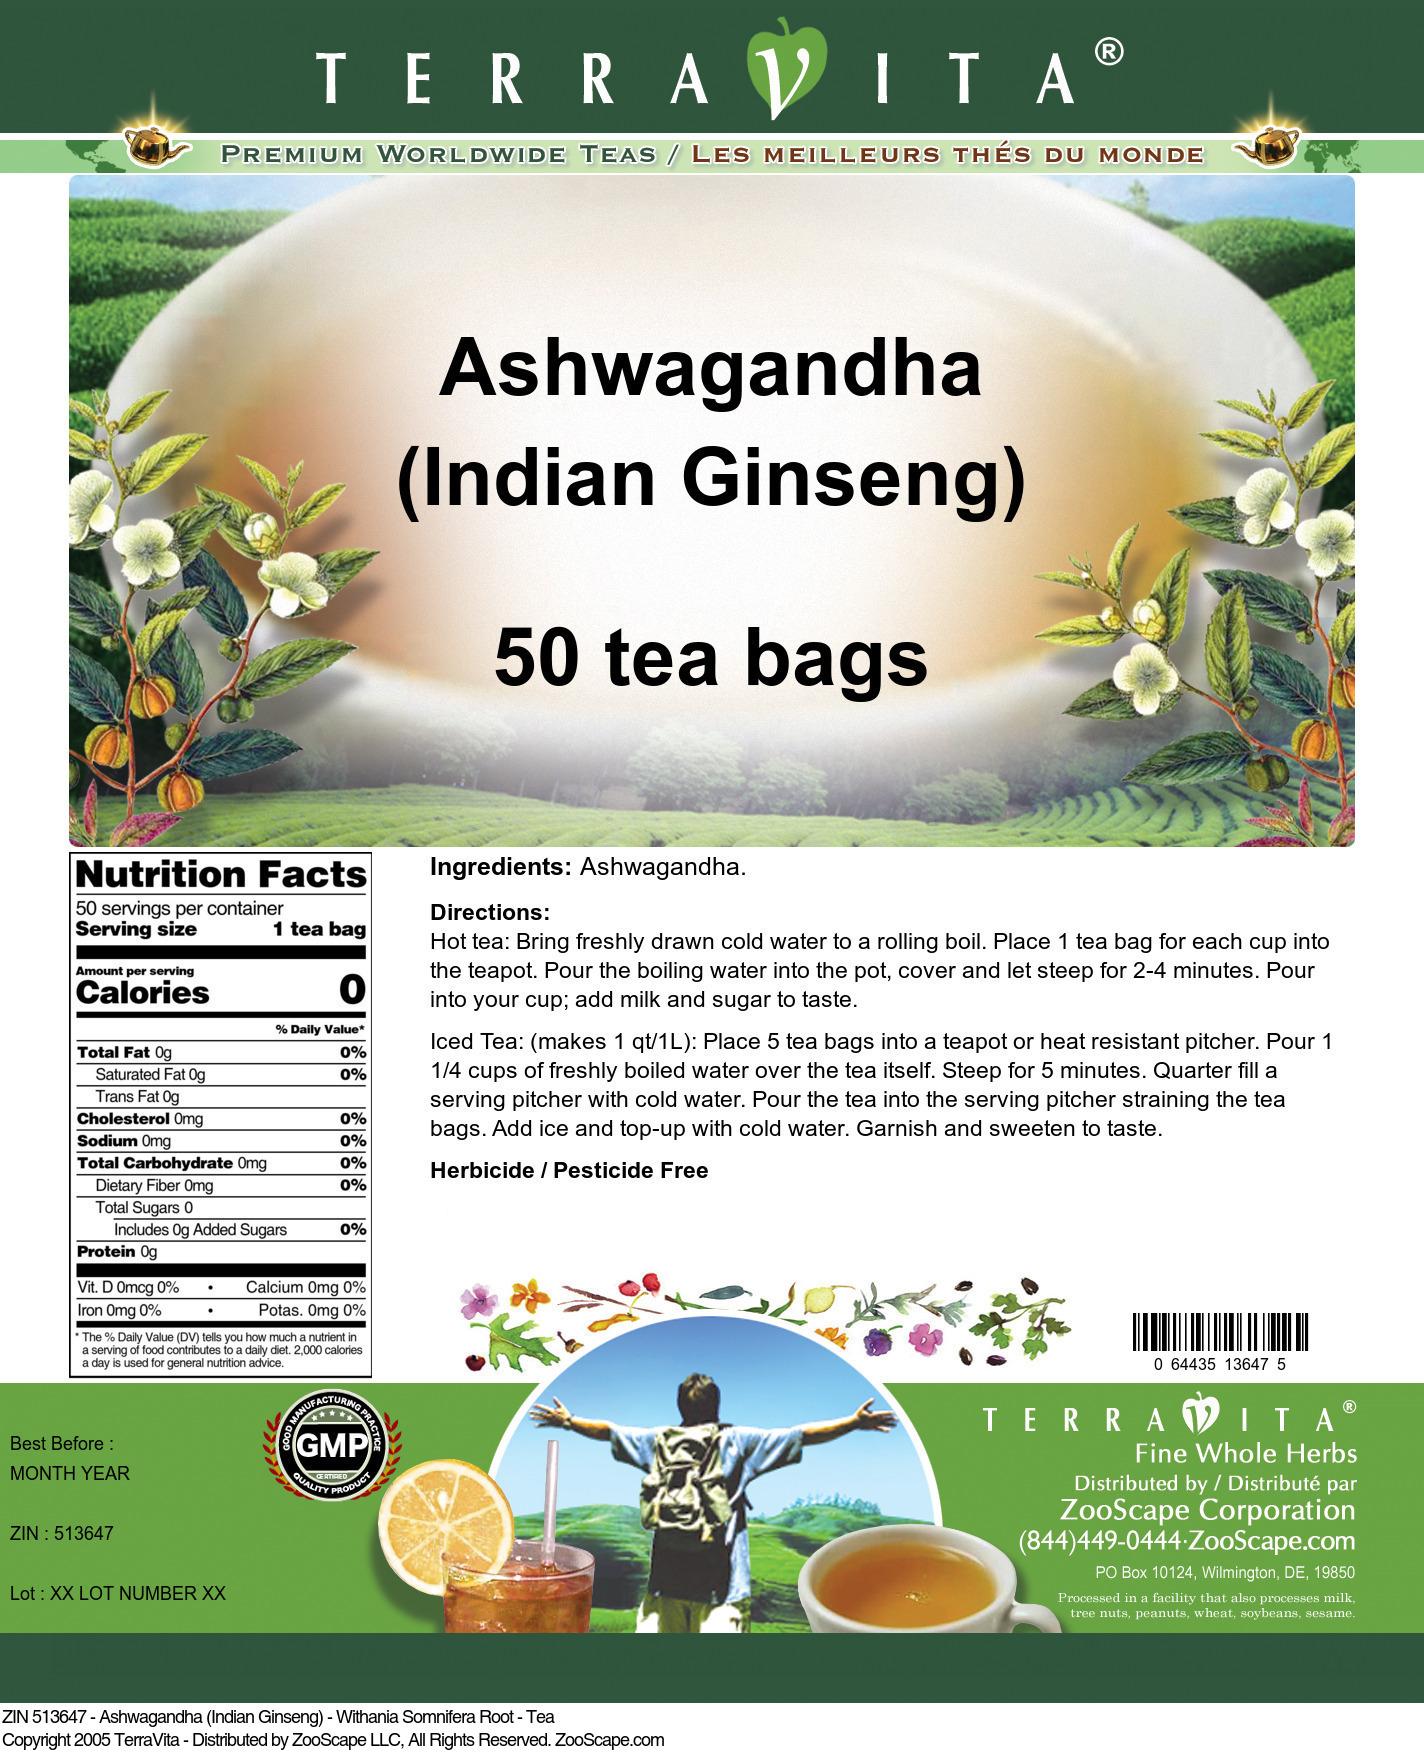 Ashwagandha (Indian Ginseng) - Withania Somnifera Root - Tea